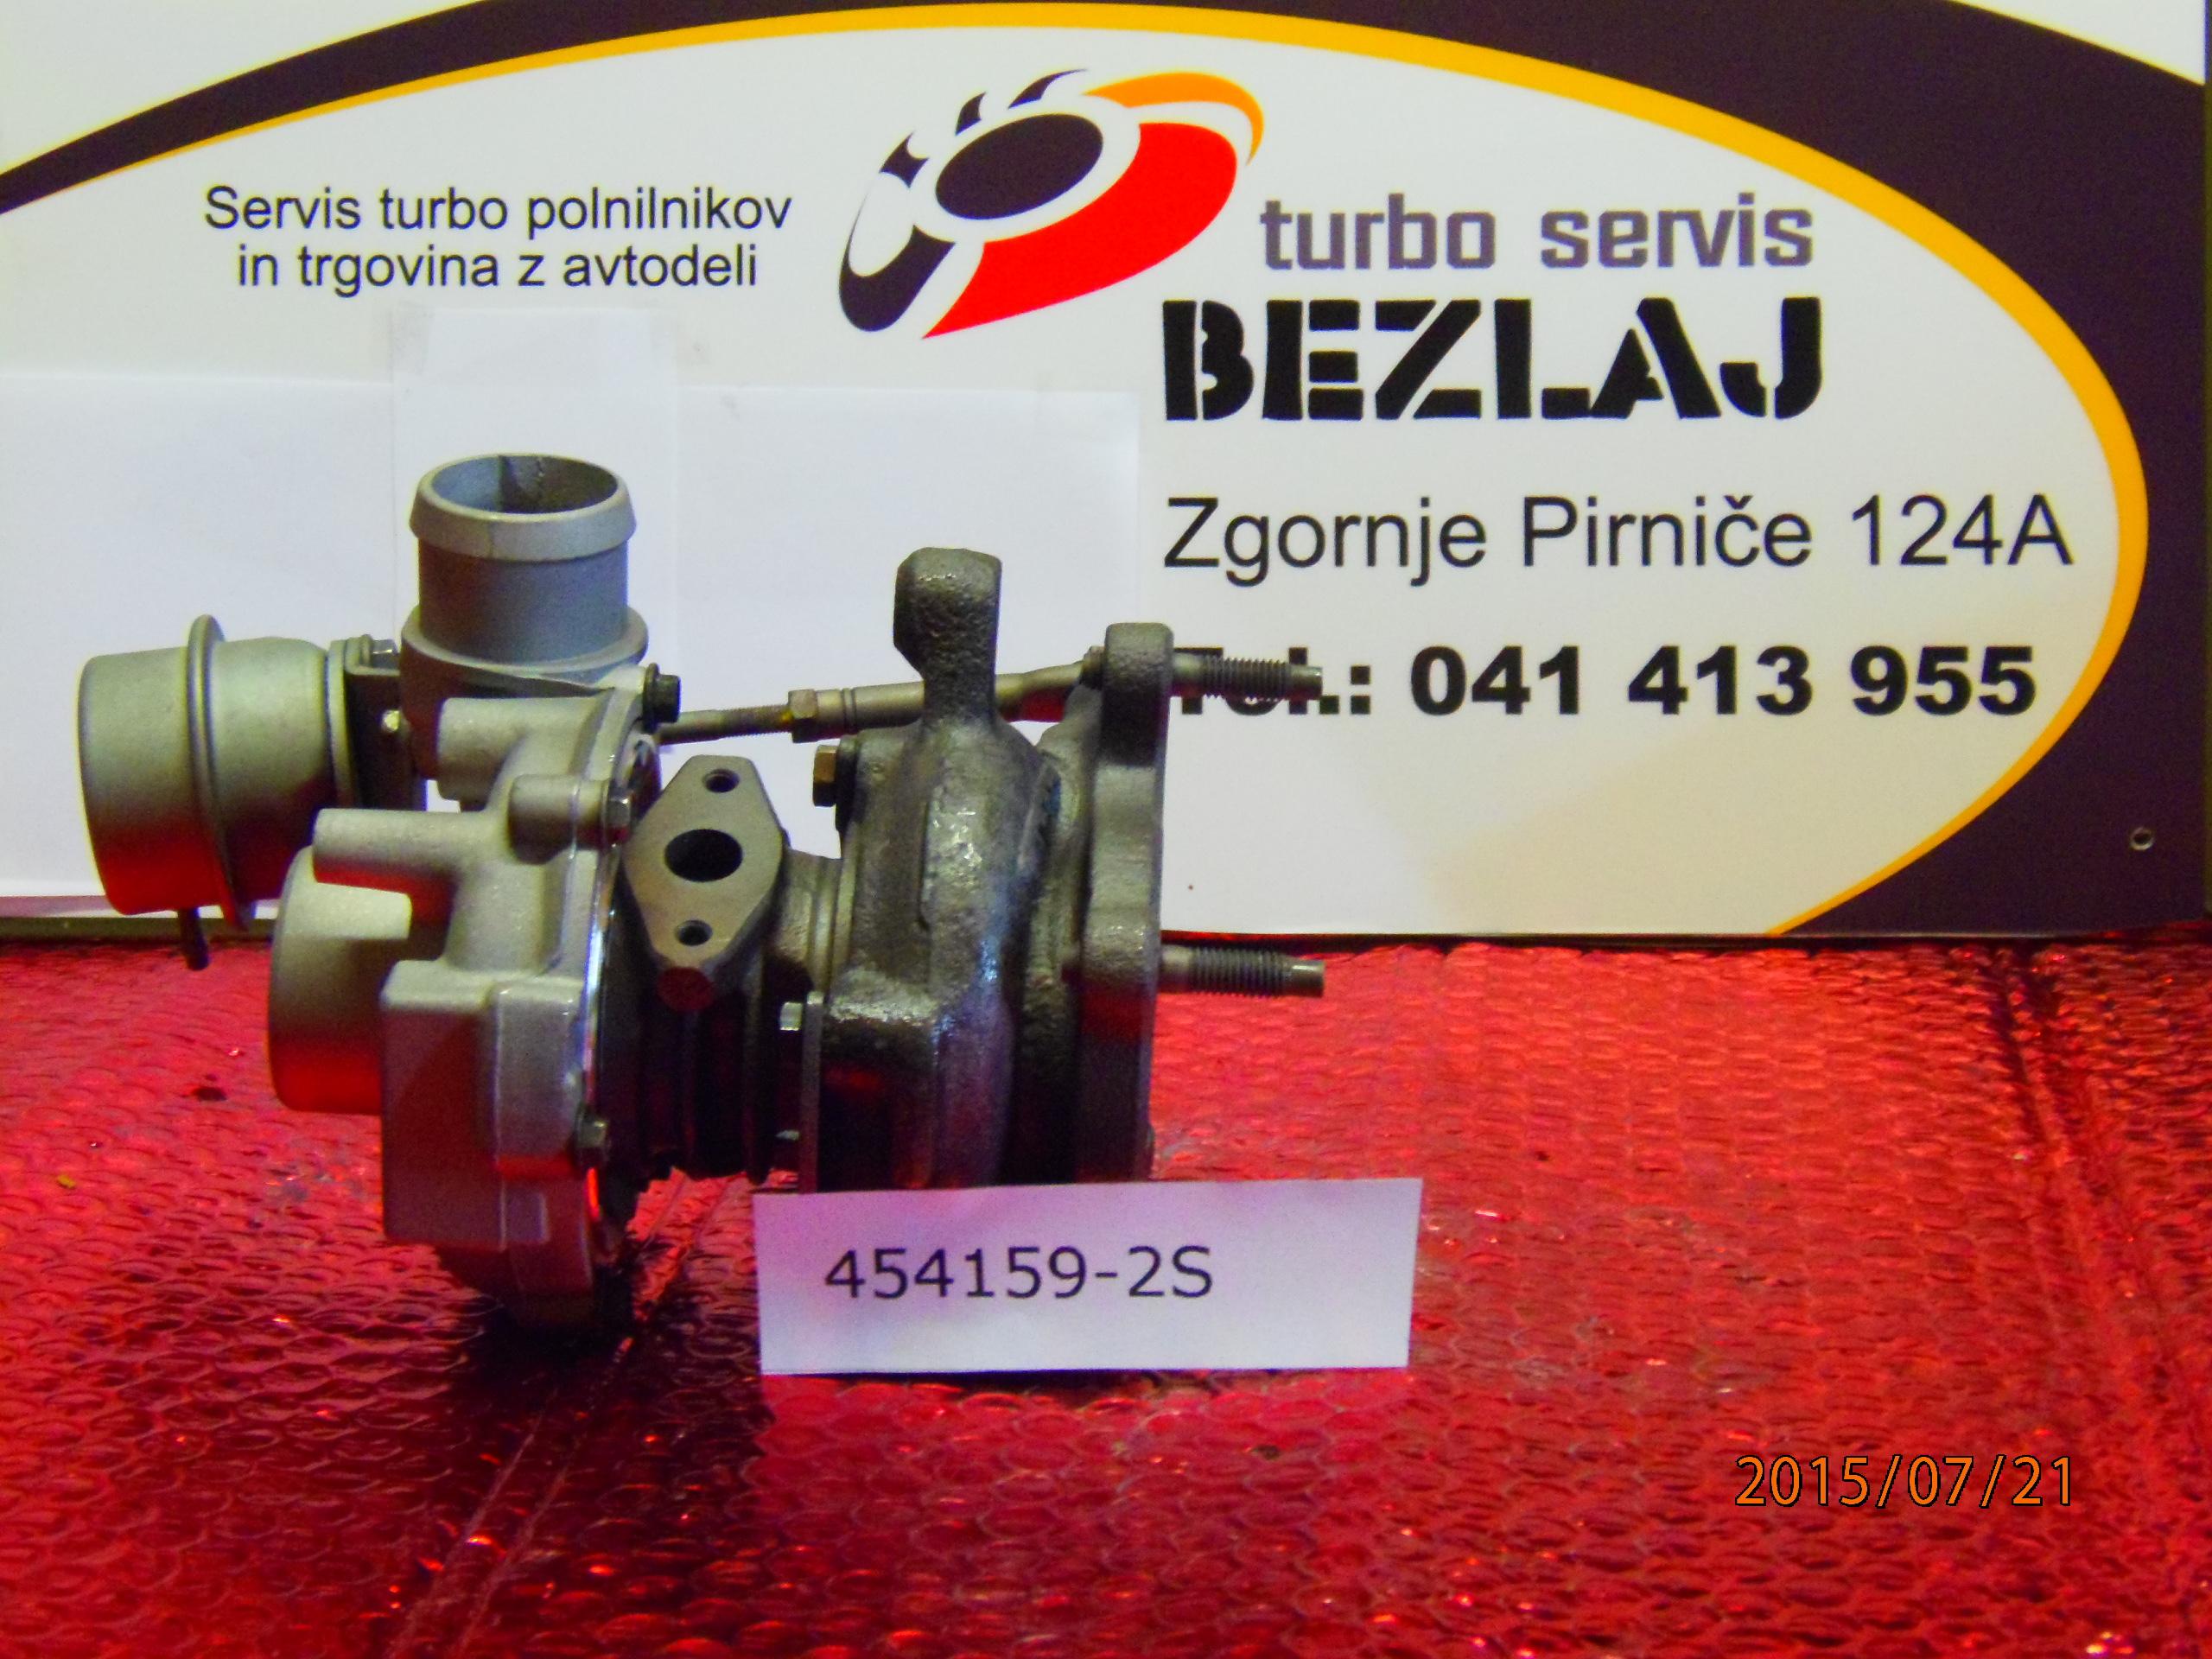 turbo454195-2S